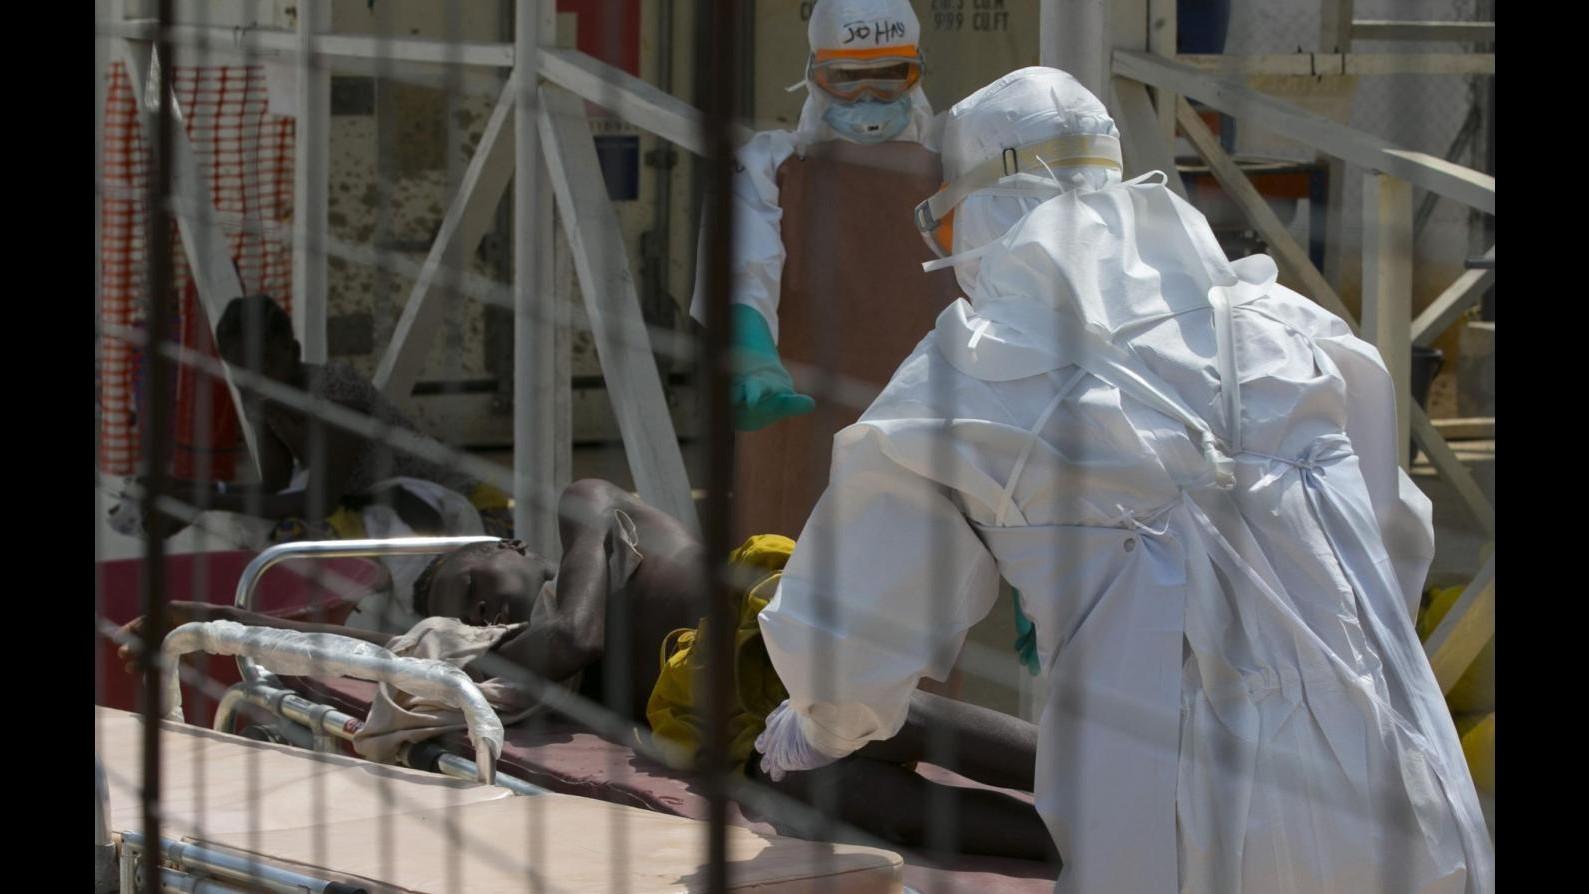 Ebola, distretto di Freetown in quarantena dopo picco di casi contagio